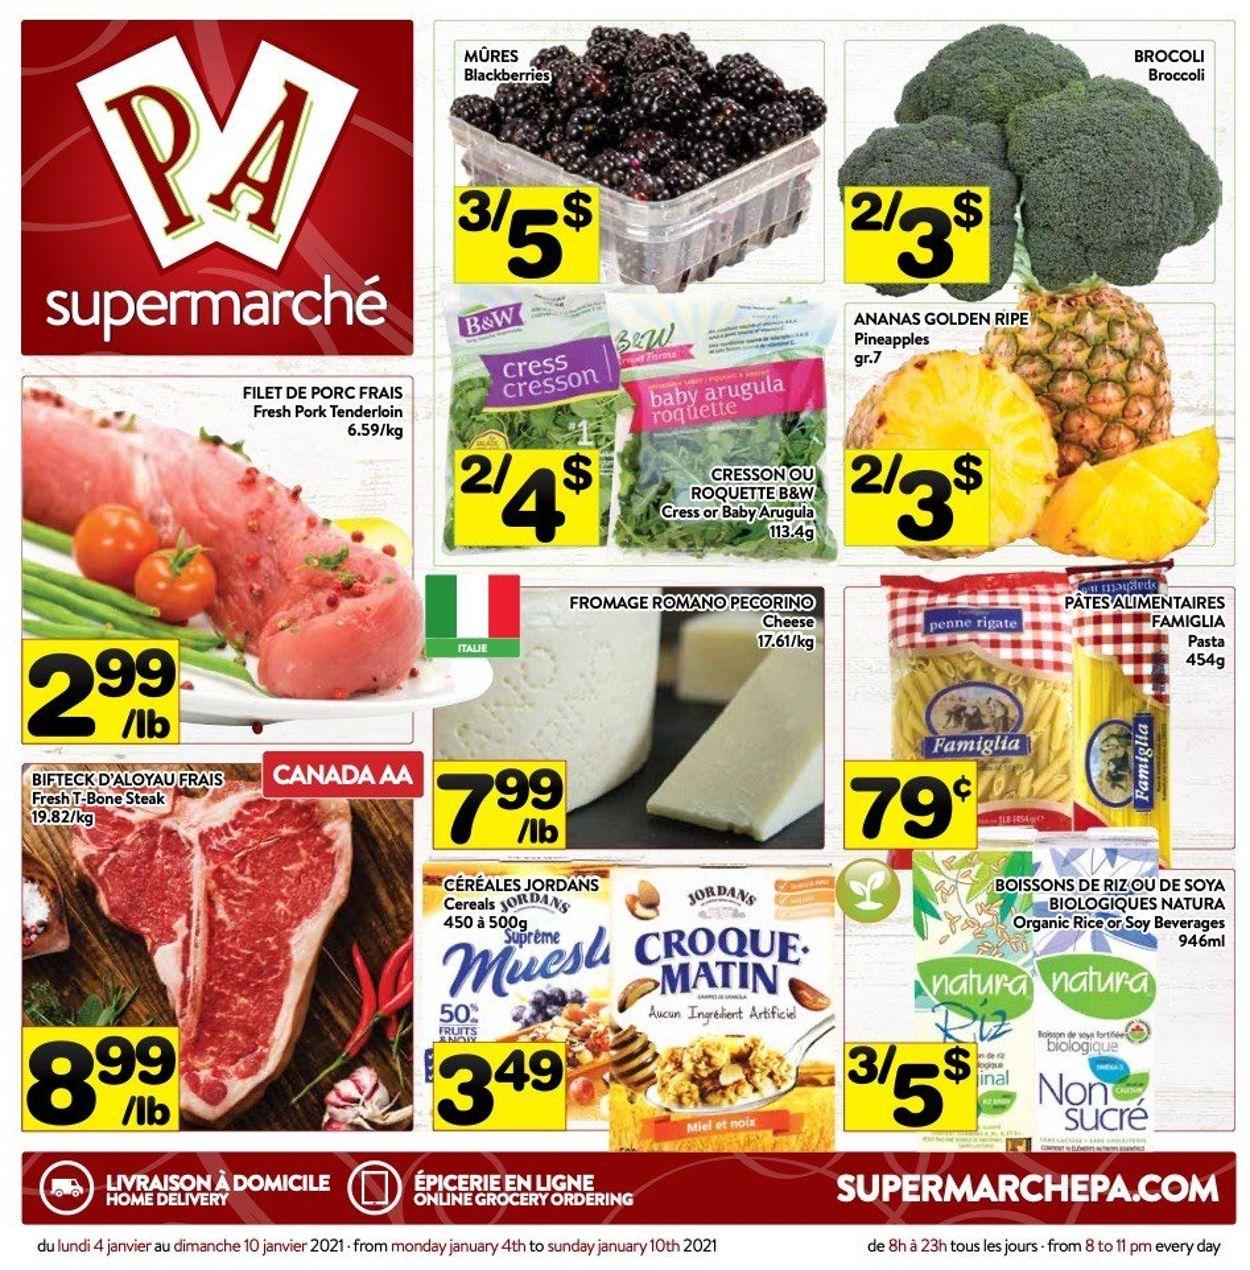 PA Supermarché Flyer - 01/04-01/10/2021